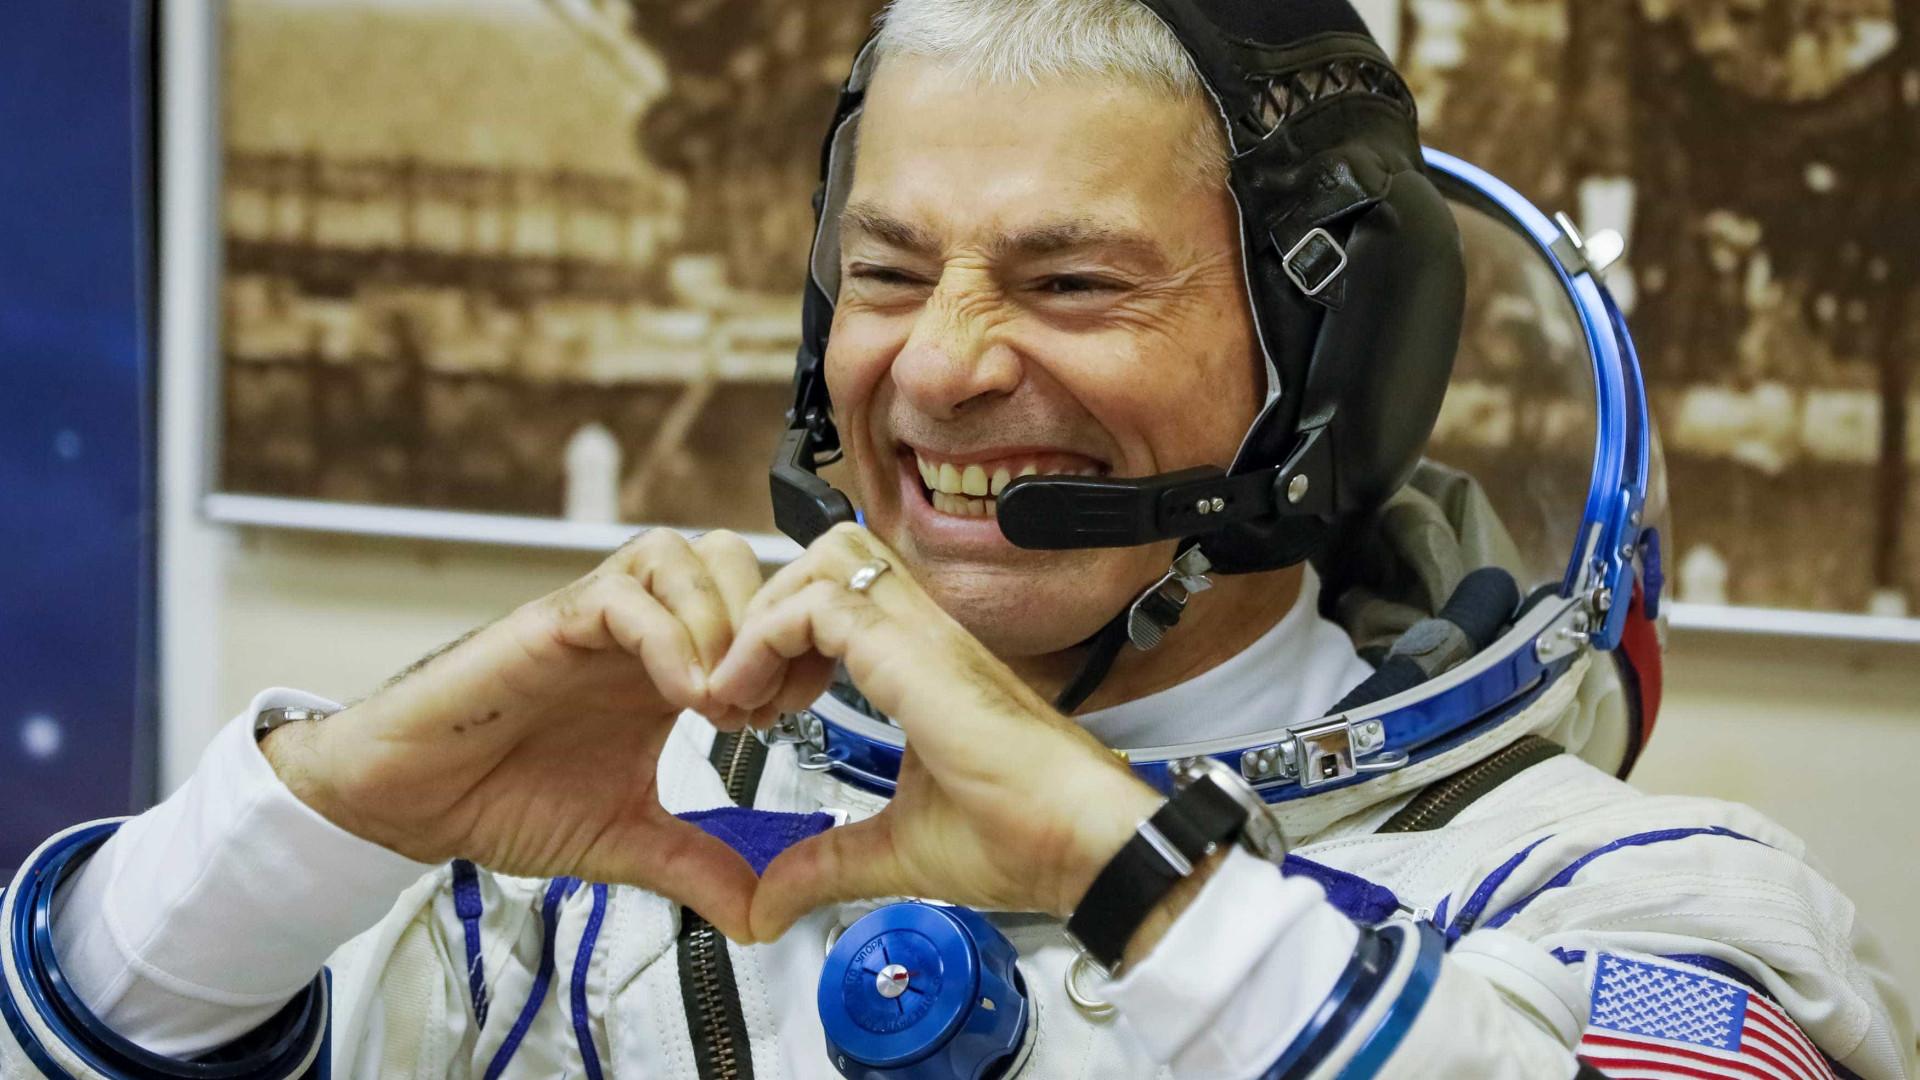 Astronautas recebem 'mimos' na Estação Espacial Internacional